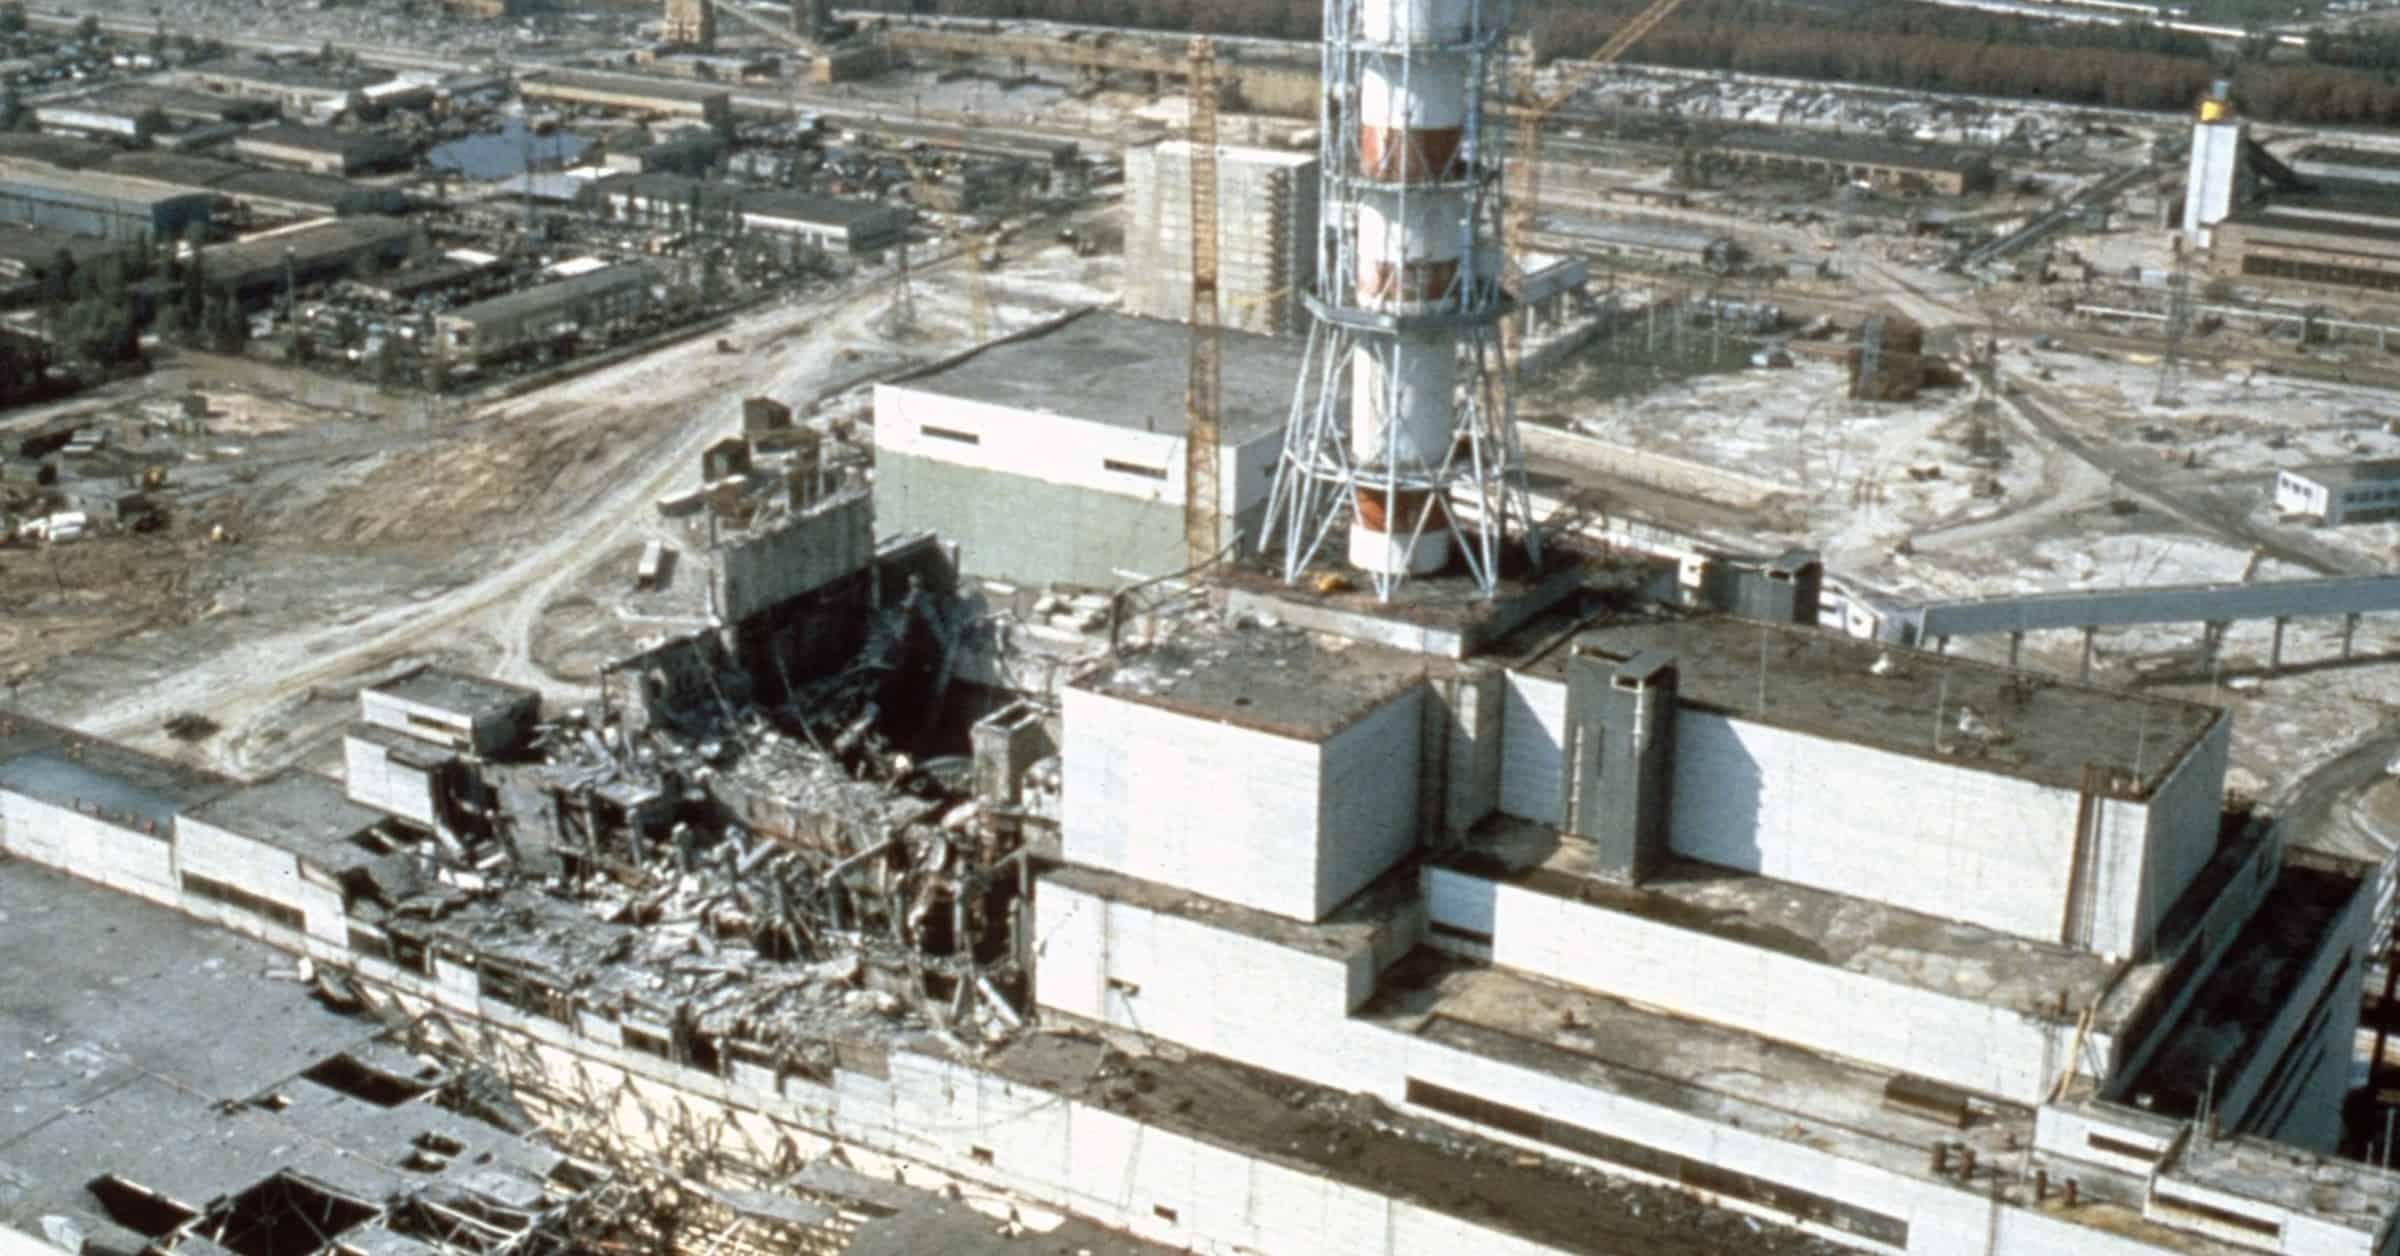 На думку Віктора Брюханова трагедія сталася через недоліки реактора